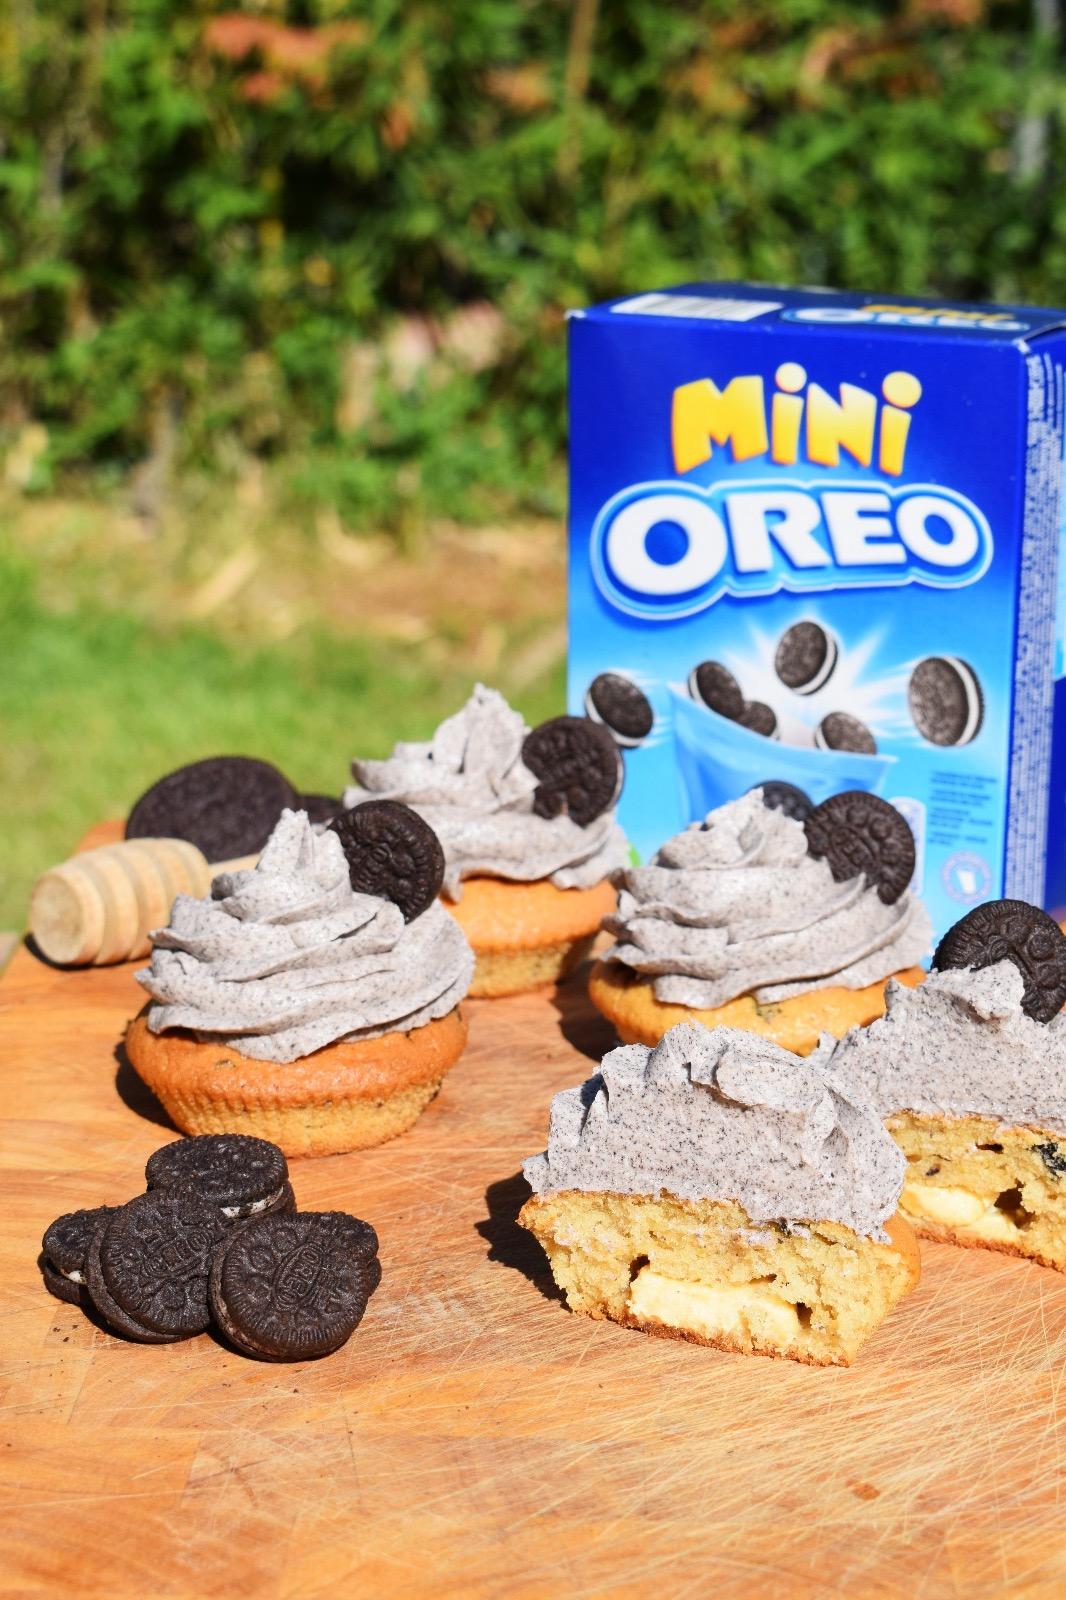 Presentación de la receta de Muffins de oreo rellenas de chocolate blanco